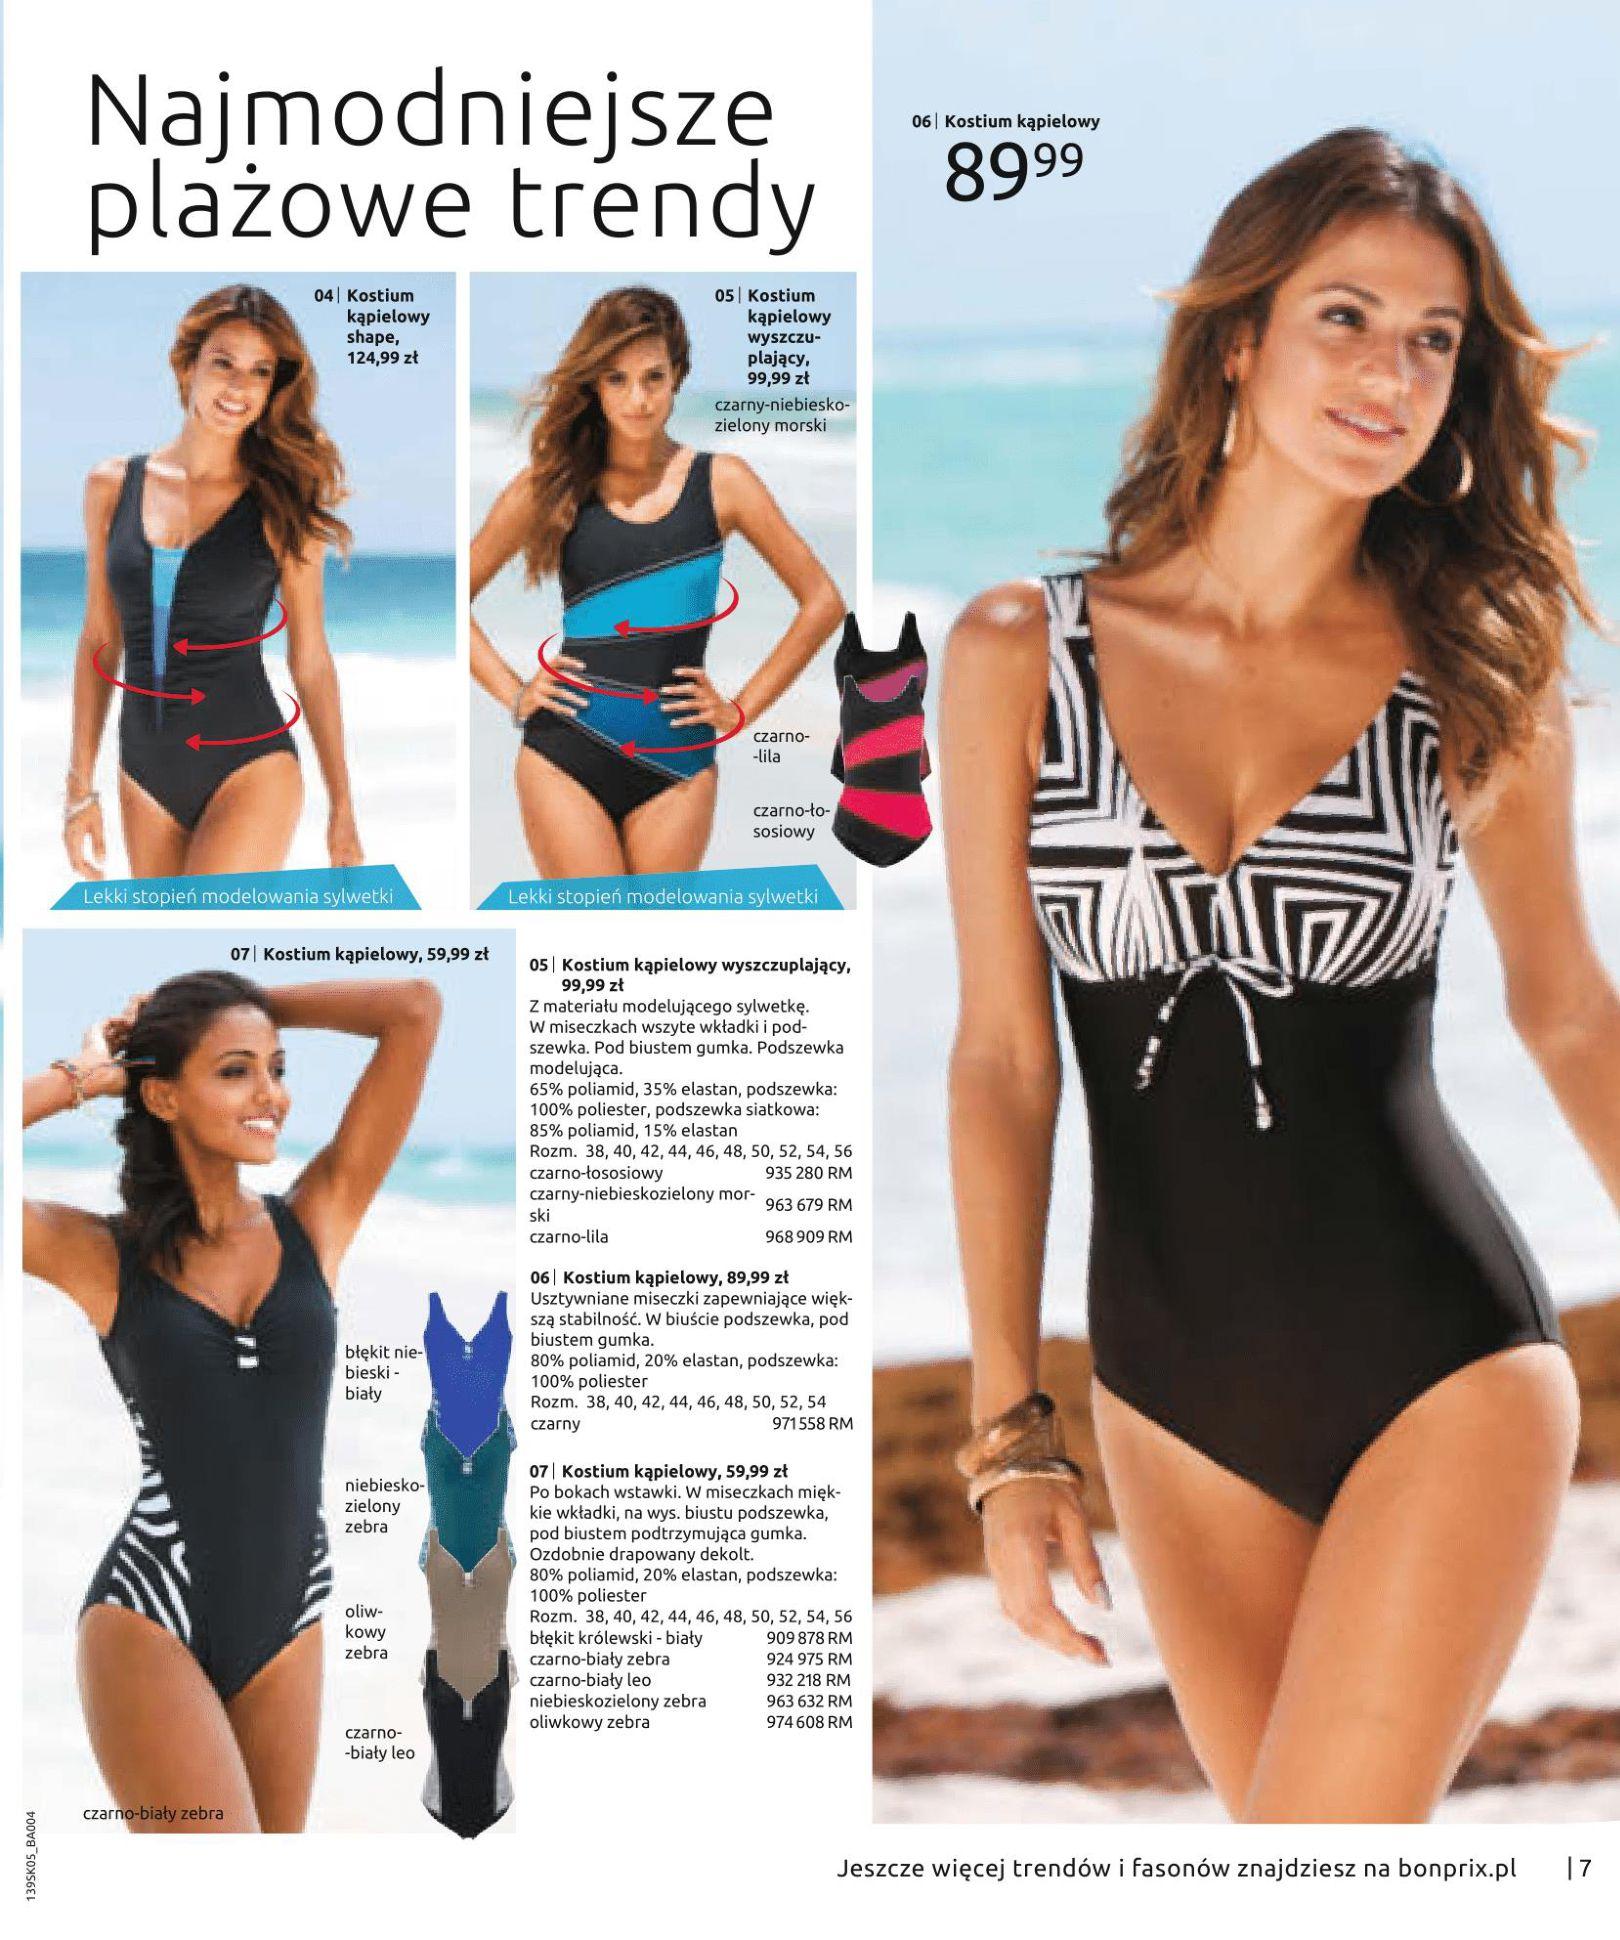 Gazetka Bonprix - Nadchodzi lato!-02.07.2019-20.11.2019-page-9